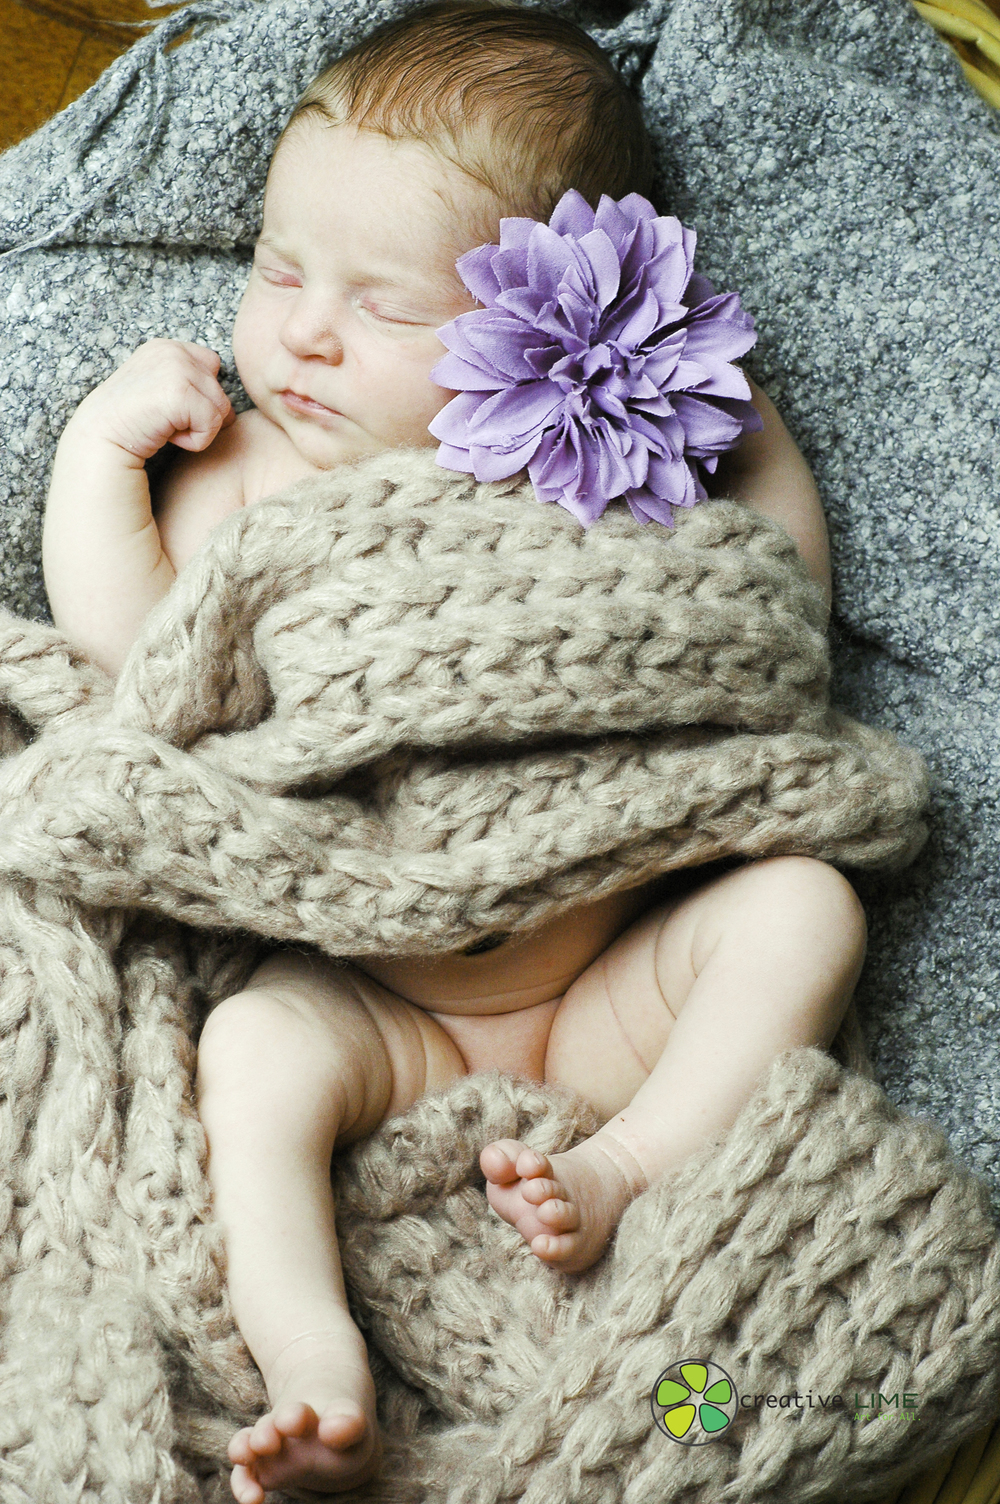 Creative LIME - Newborn Finley-2.jpg